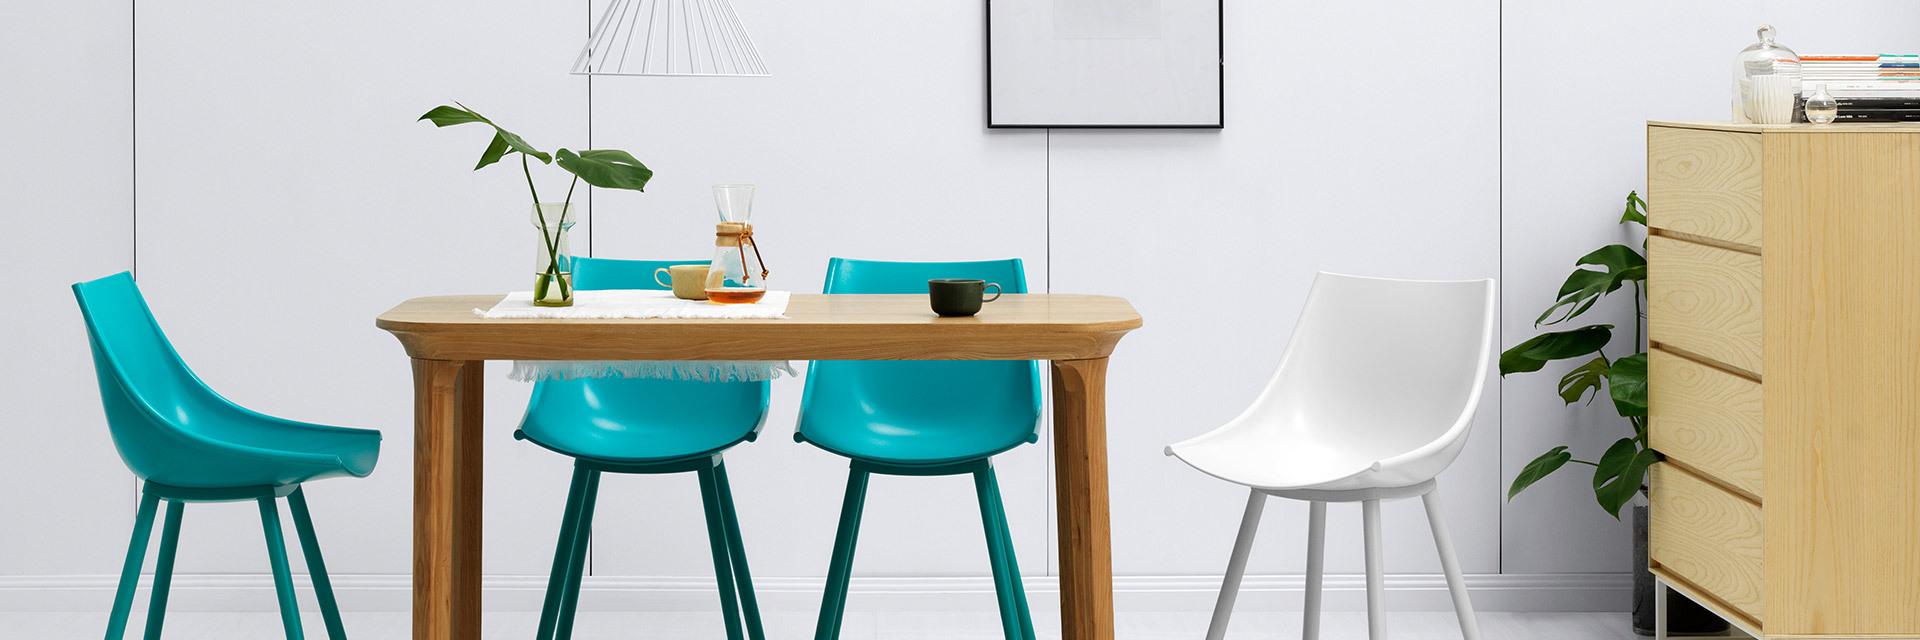 木色餐桌,照样玩出派对感